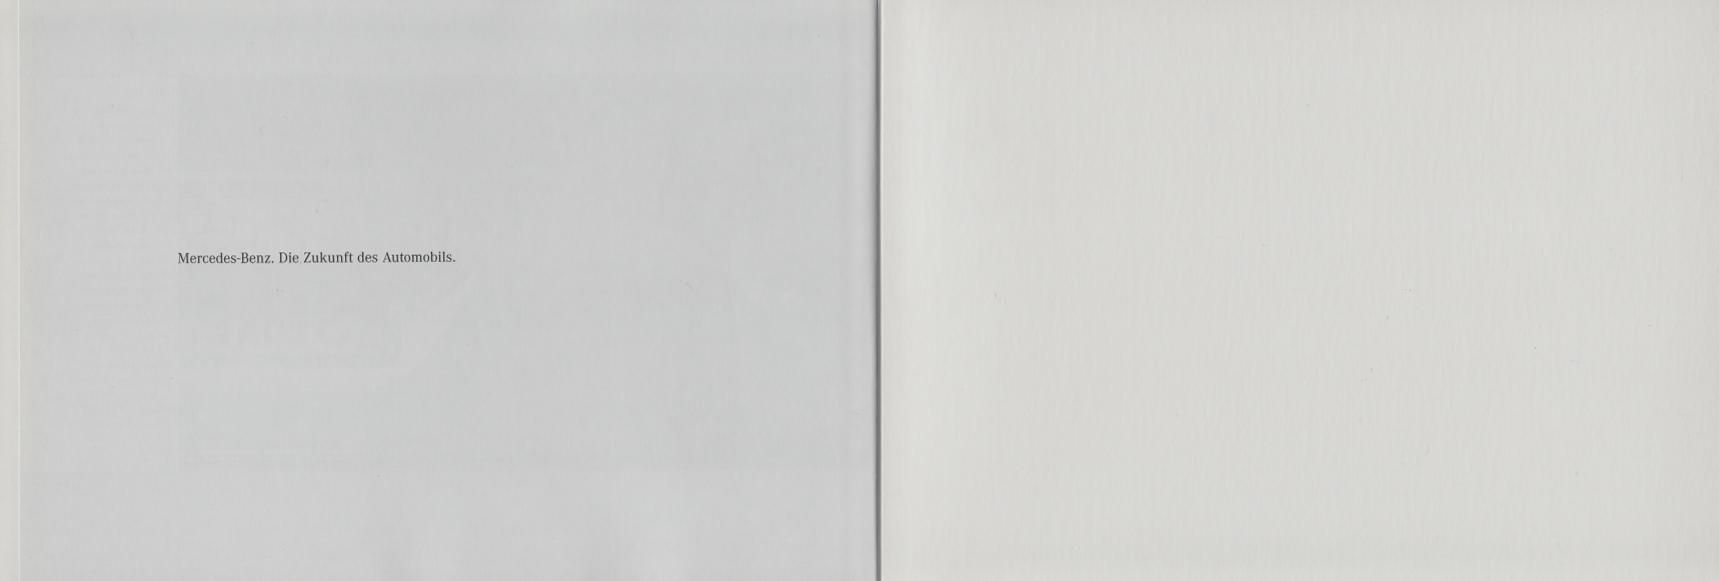 (C209): Catálogo 2002 - alemão 034